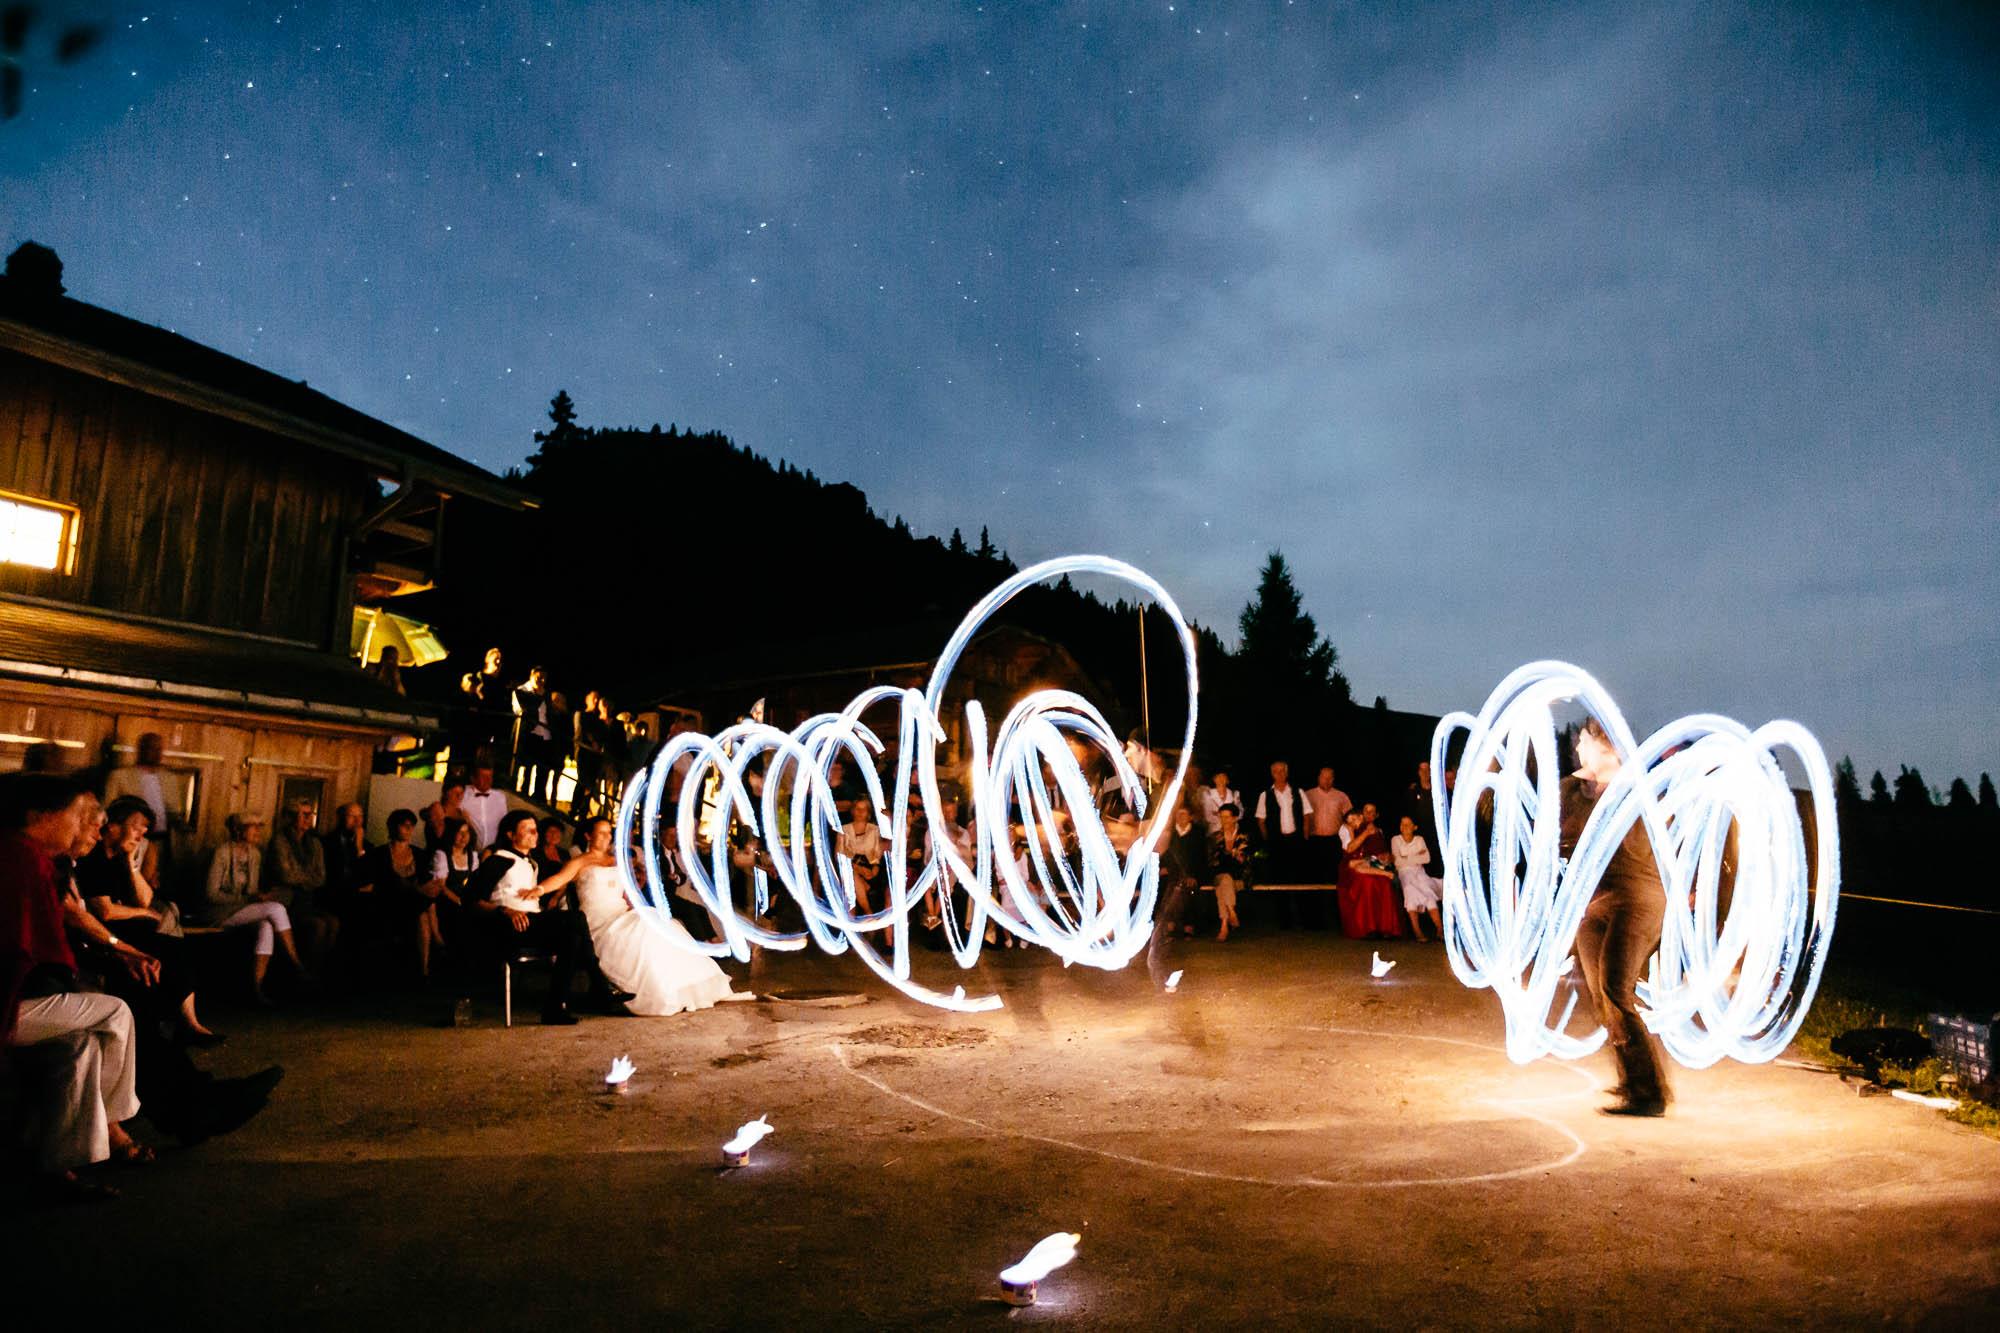 Brautpaar und Gesellschaft wird mit Feuershow unterhalten